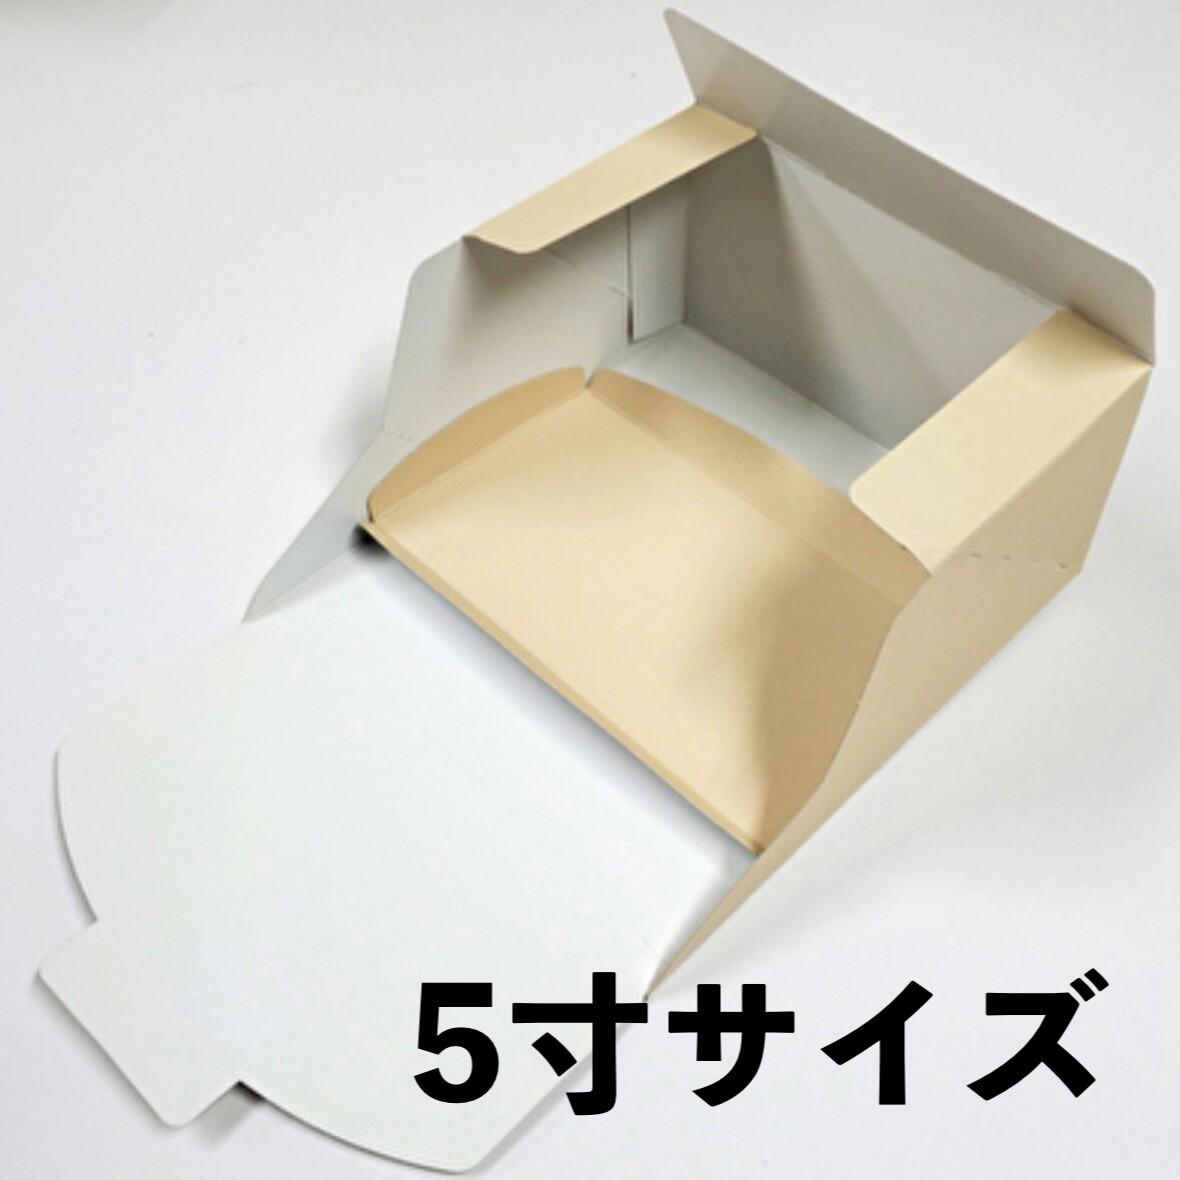 画像1: ニューエコロールショート 5寸(爪なしトレー付)@1枚37.95円 (1)